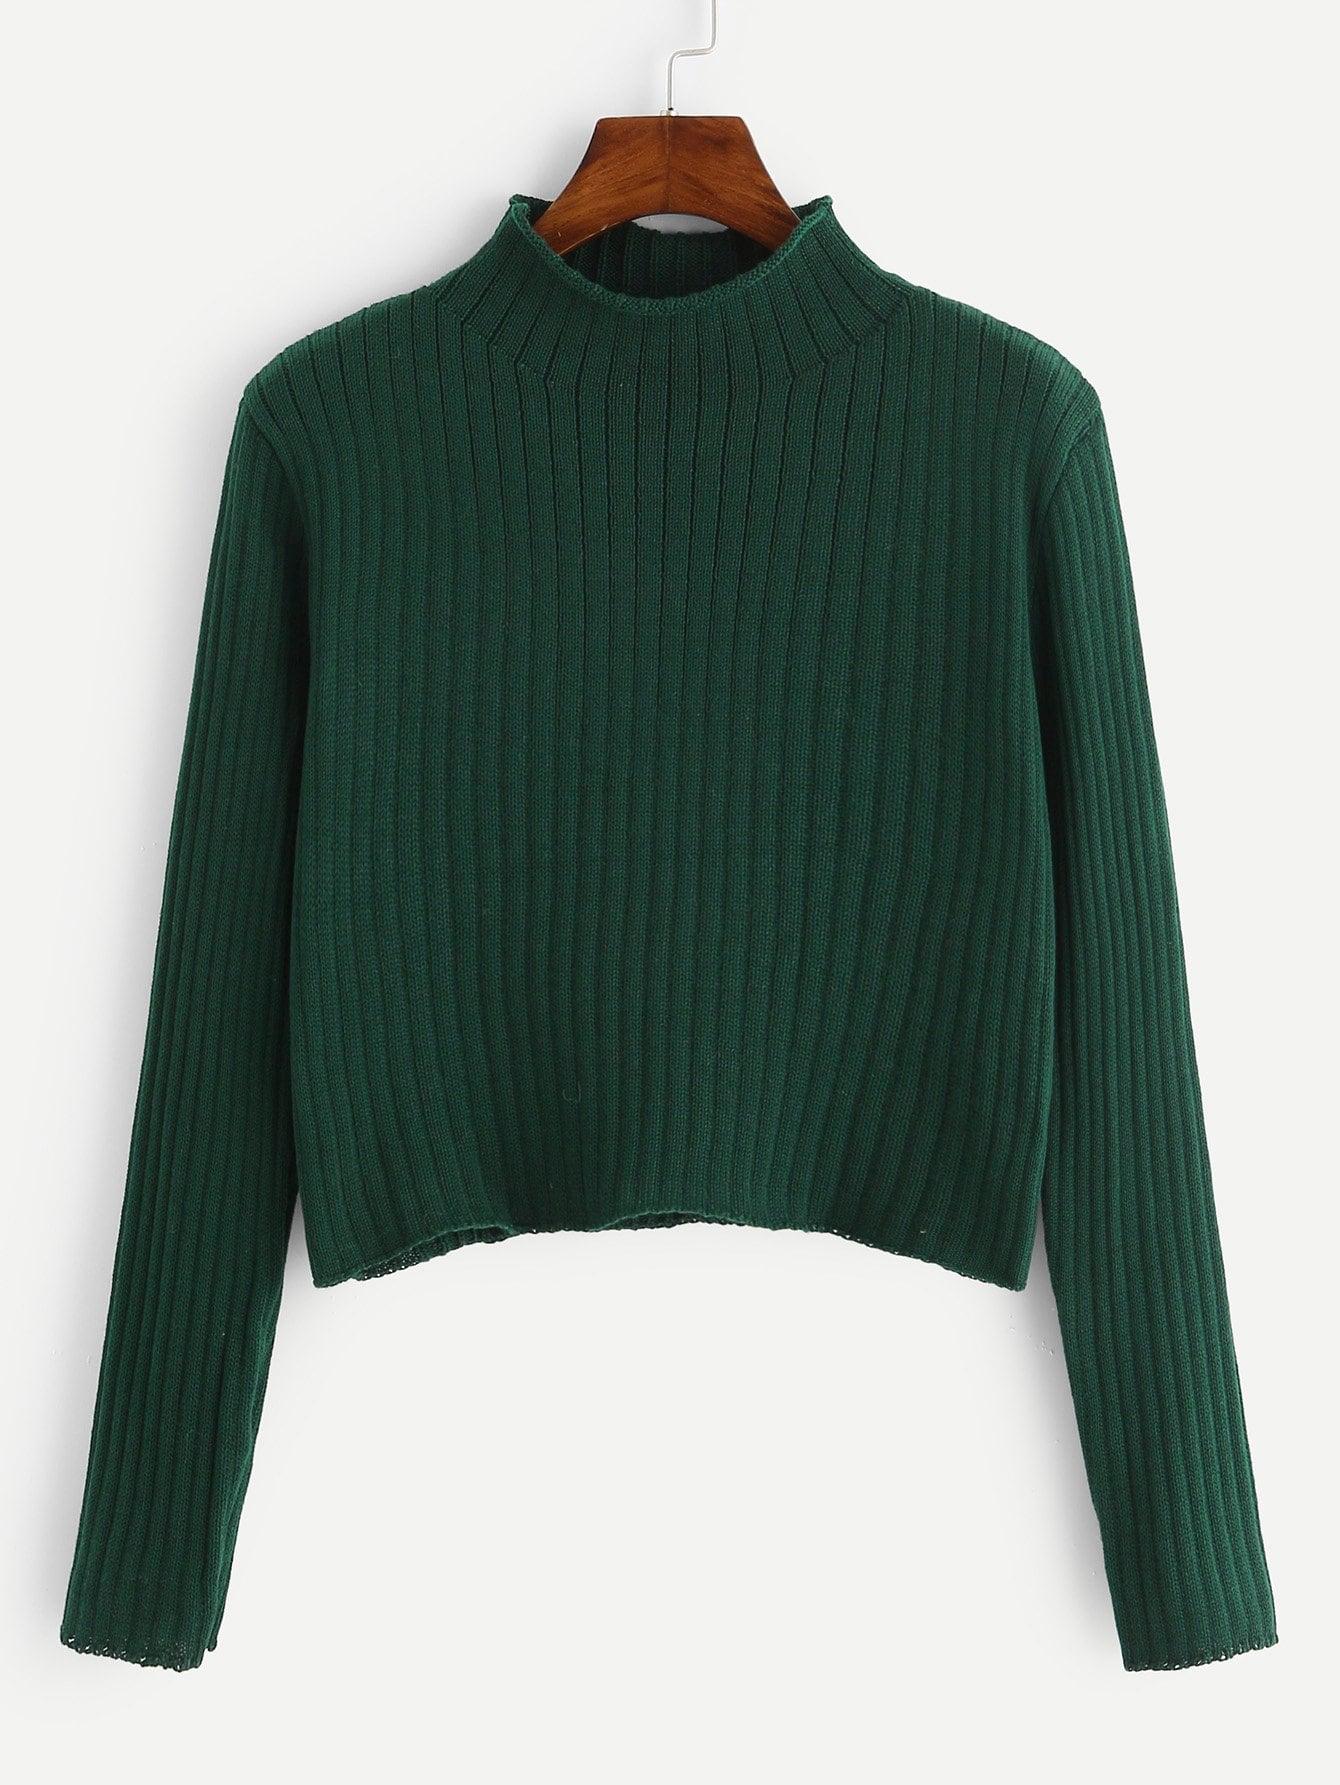 Купить Ребристый вязанный свитер с стоячим воротником, null, SheIn